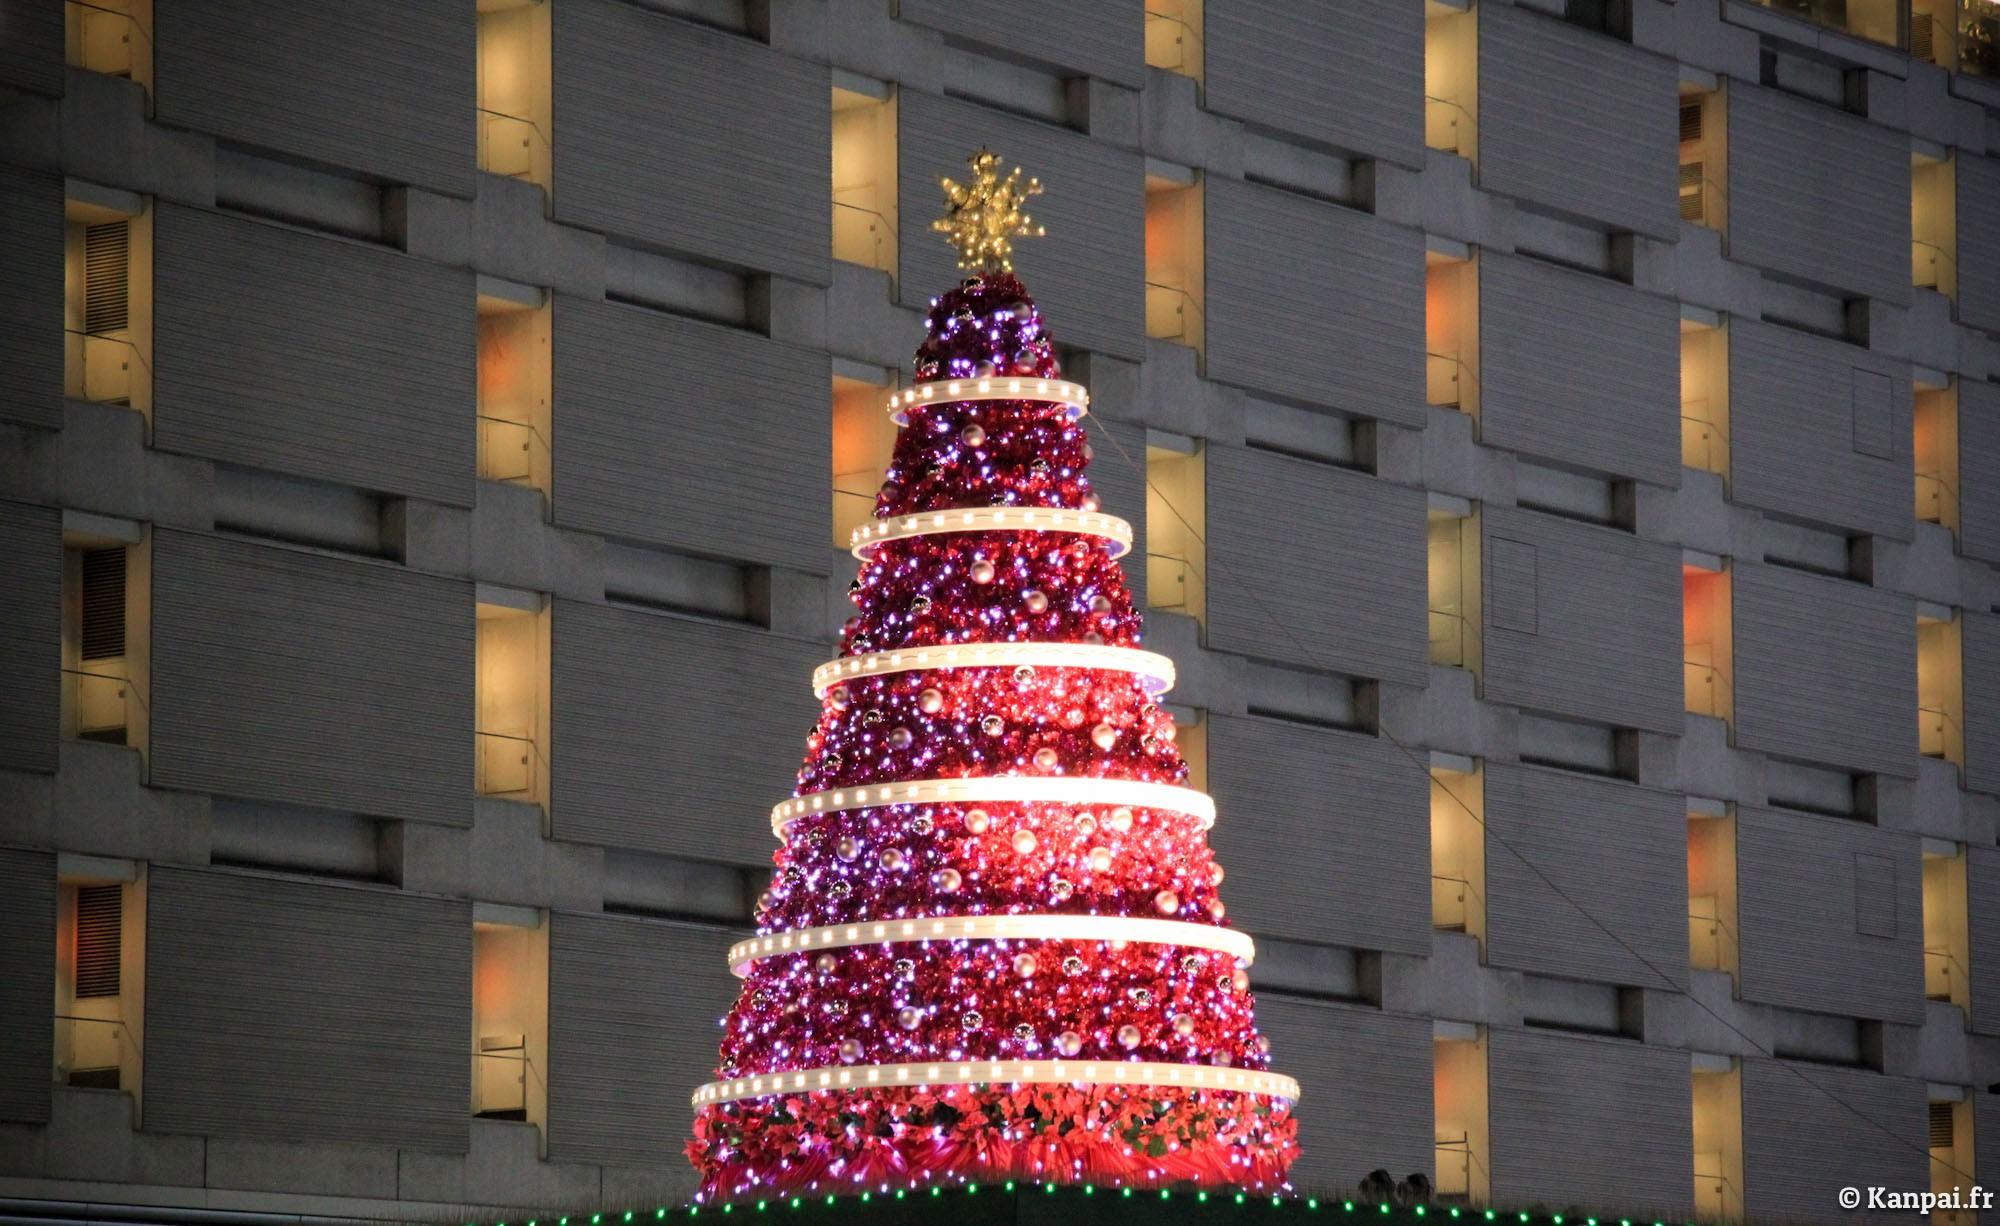 #A6252D Tokyo à Noël 5327 decorations de noel au japon 2000x1226 px @ aertt.com